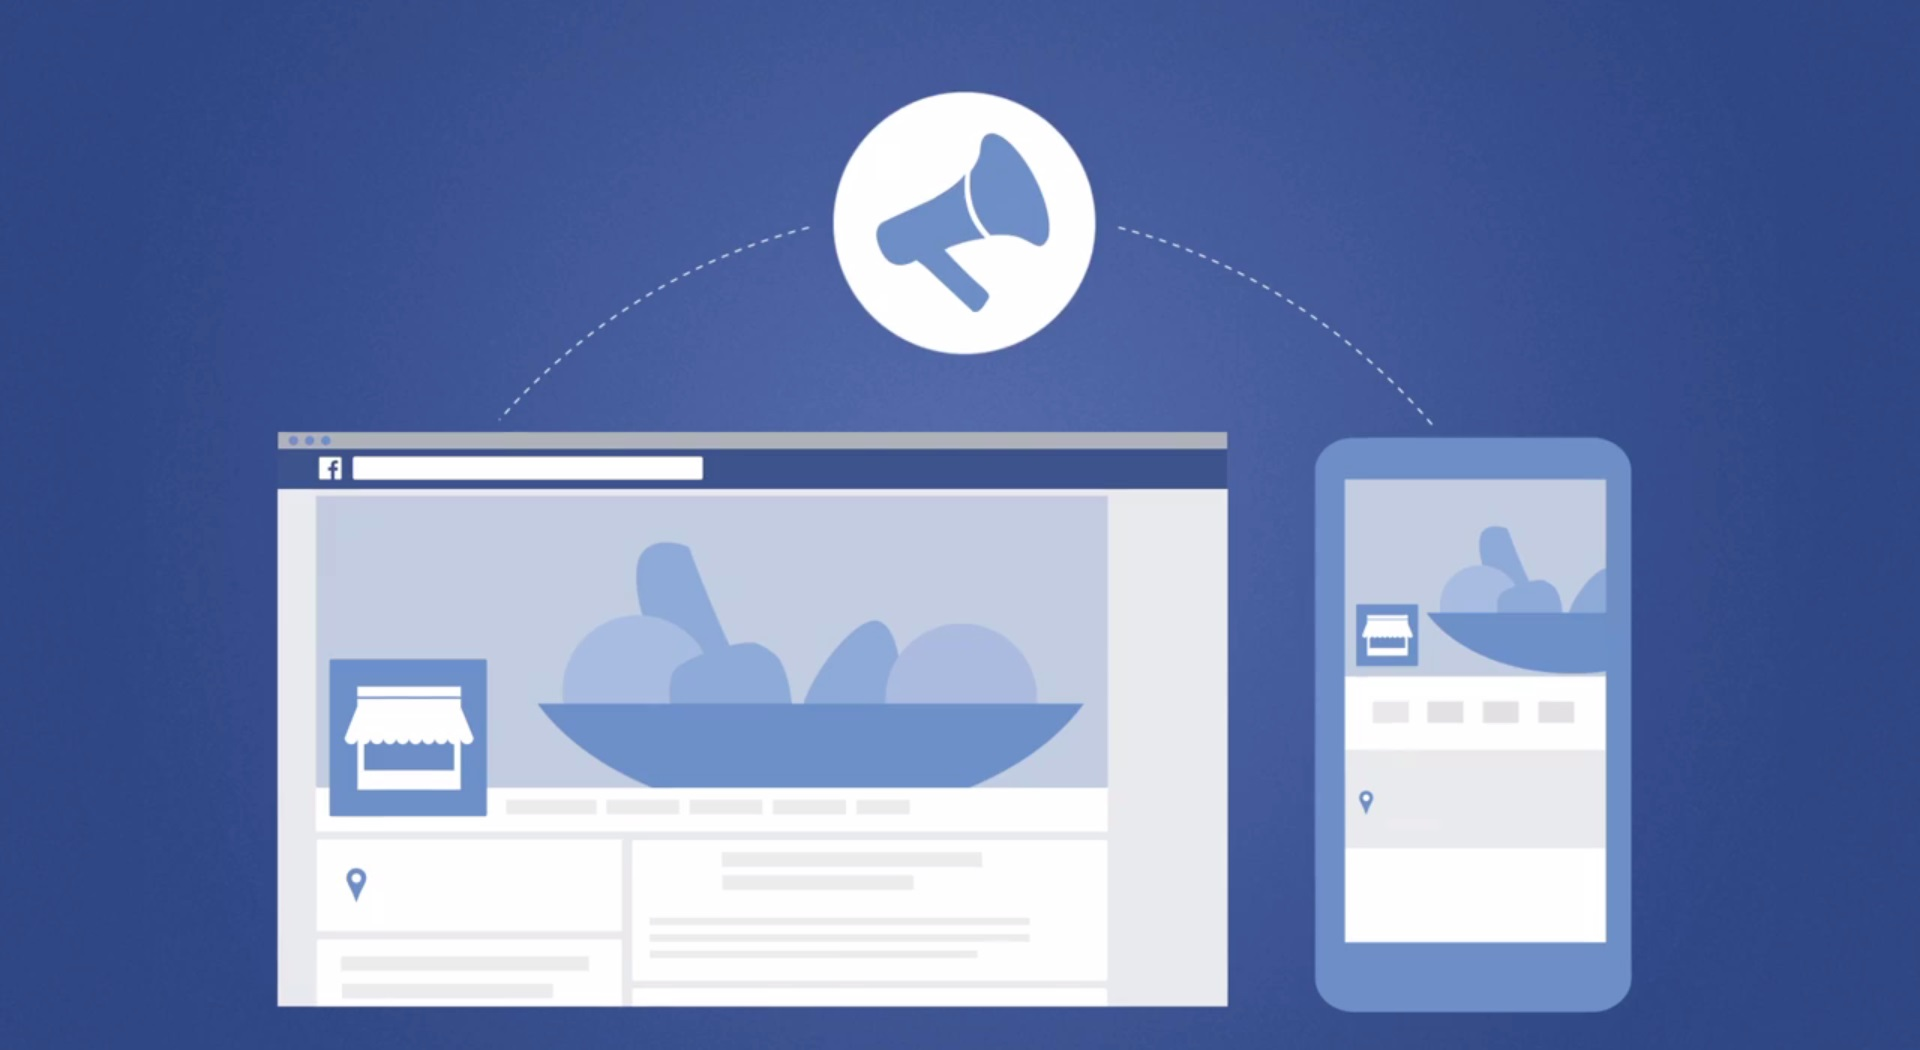 Voordelen van een Facebook pagina voor bedrijven